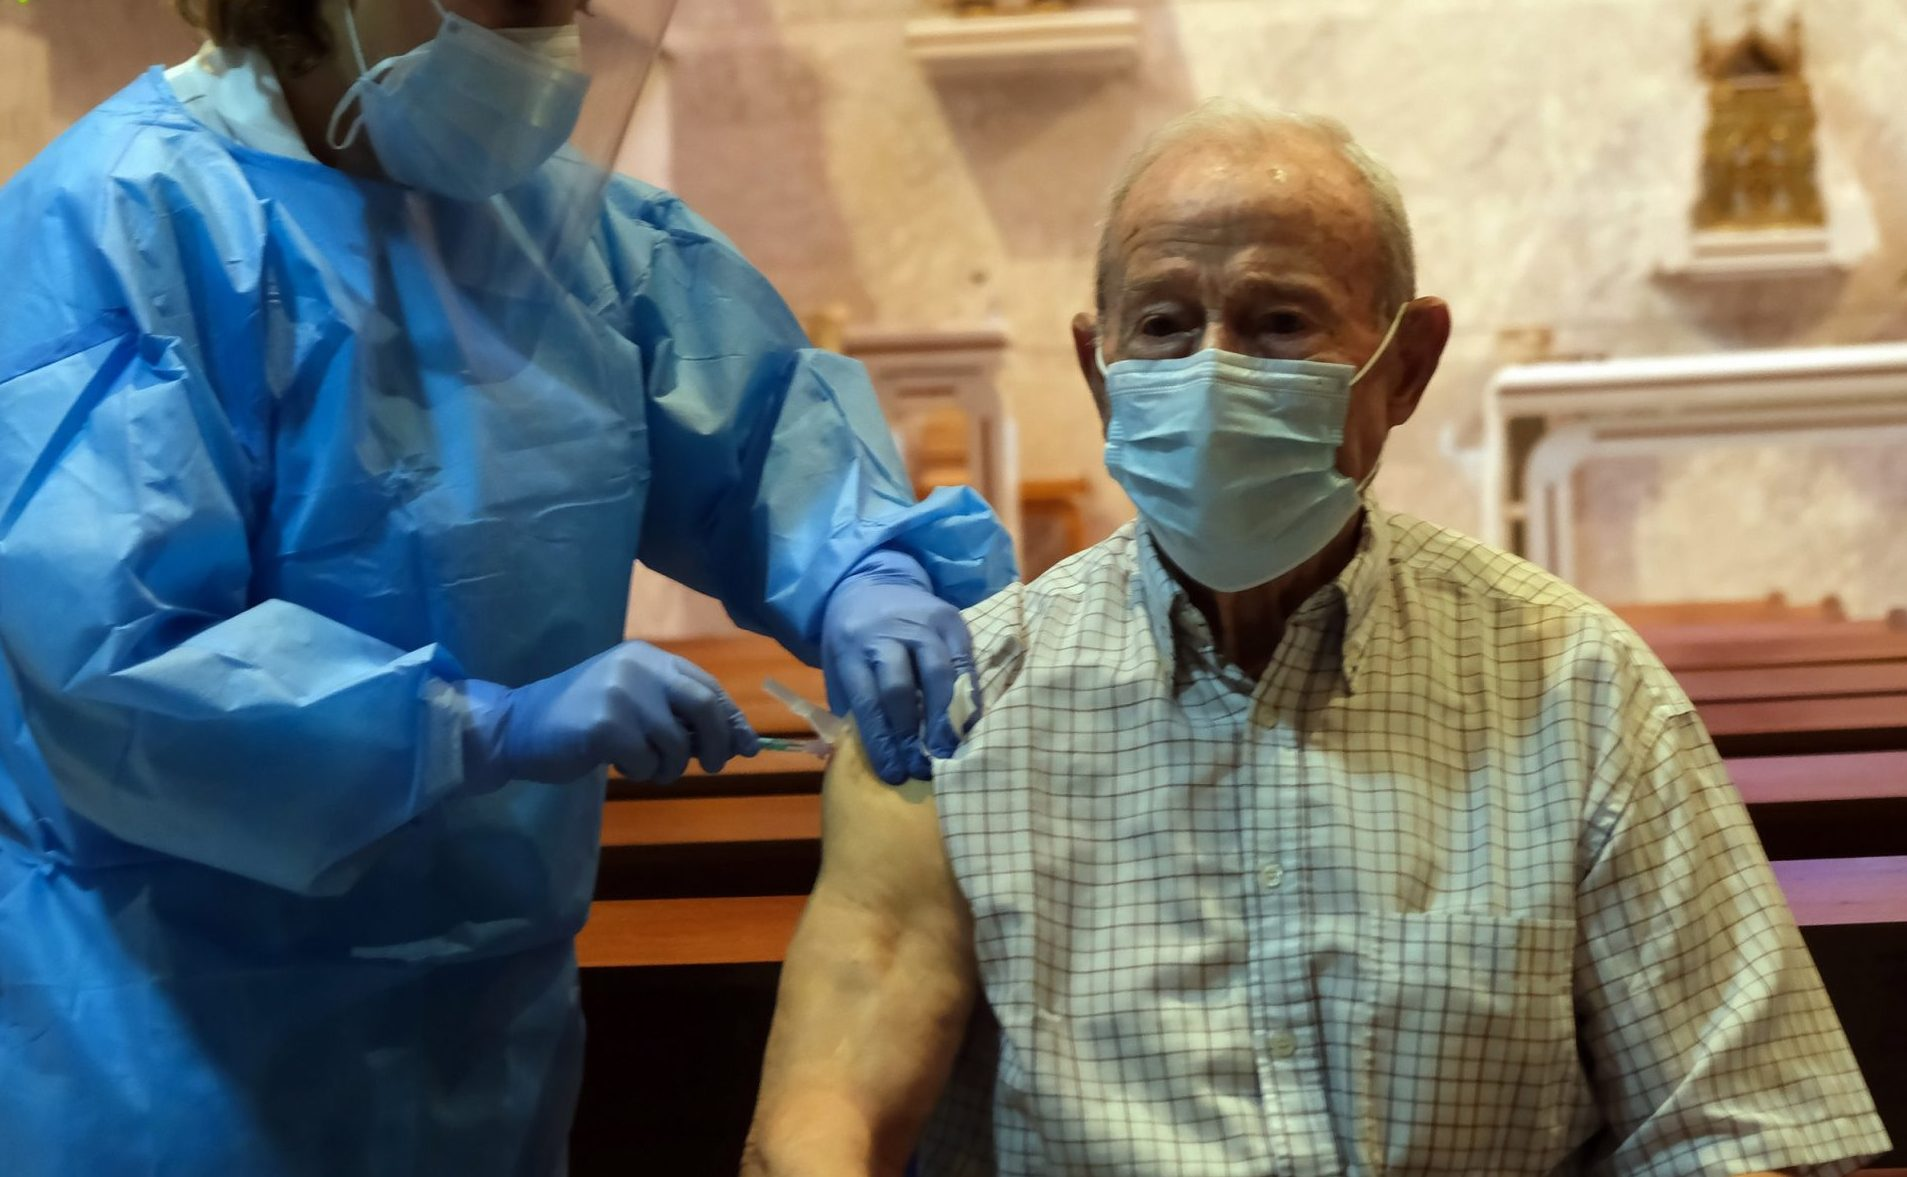 Áureo López García, de 88 años, primer vacunado en Castilla y León contra La Covid-19 1